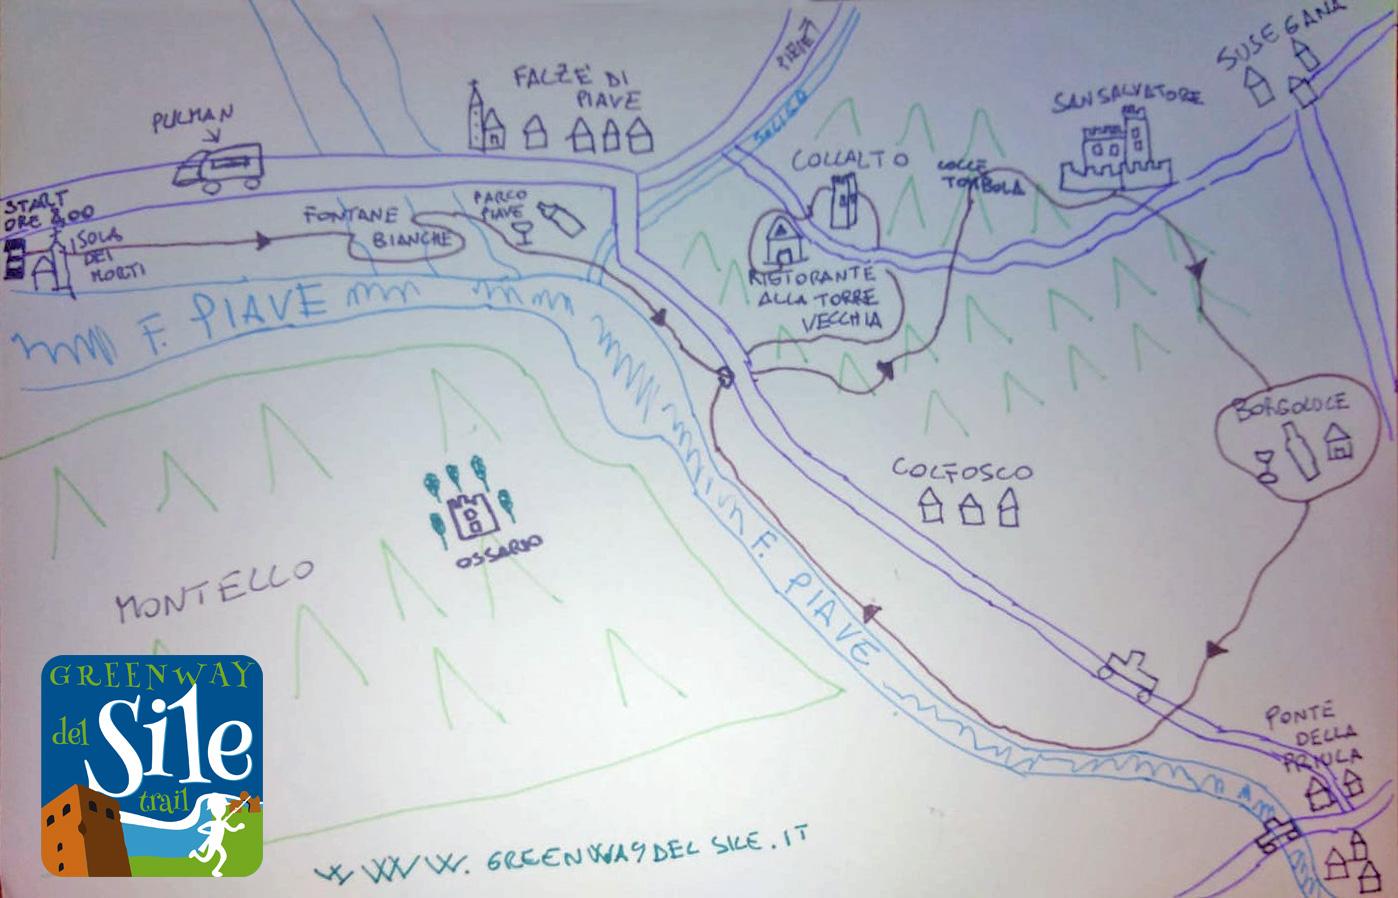 Greenway del Sile Trail edizione del Centenario mappa